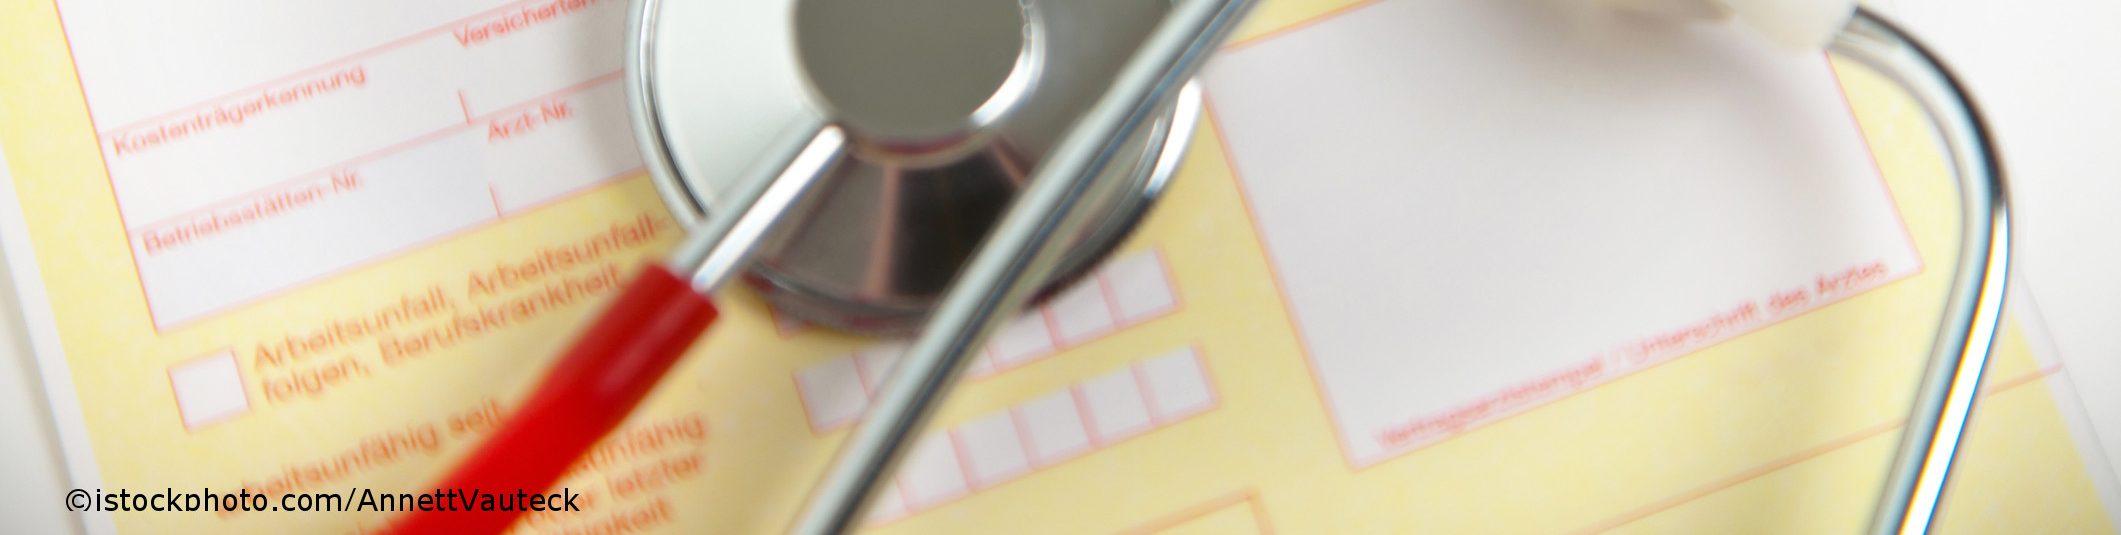 Im ICD-10 Diagnoseschlüssel steht K29 für Gastritis und Duodenitis, also Entzündungen der Schleimhaut des Magens und des Zwölffingerdarms.